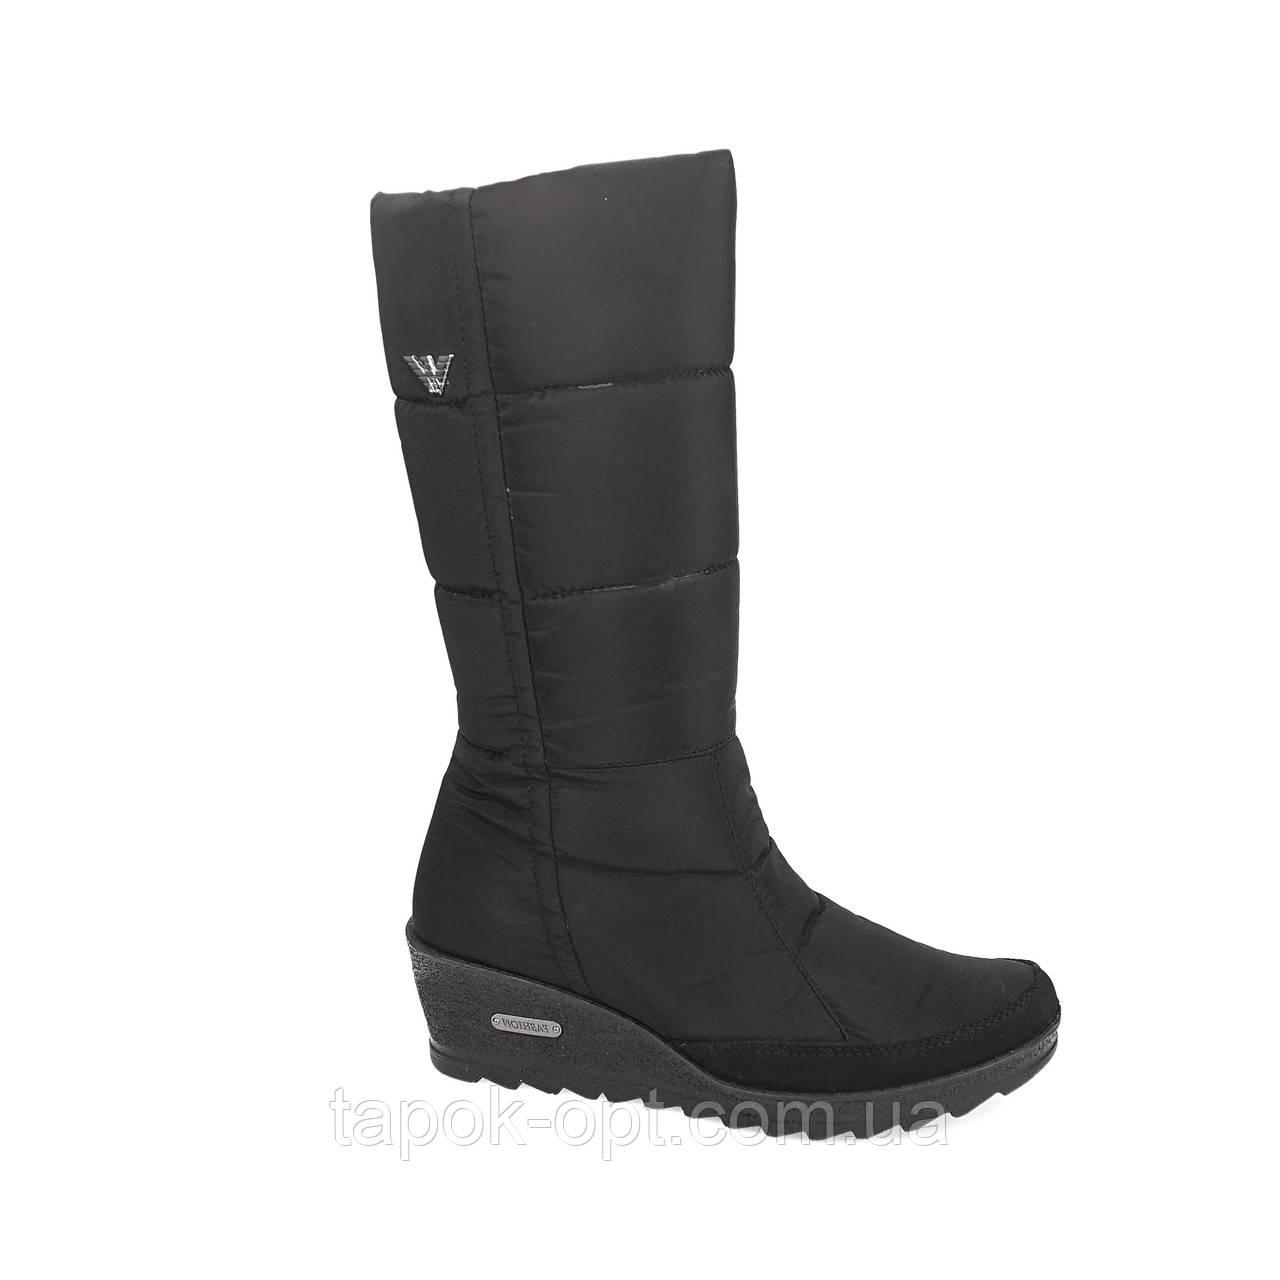 Сапоги женские утеплённые Прогресс - Оптовый интернет-магазин качественной  и недорогой обуви Сланчик в Житомире 0b45e305b8804